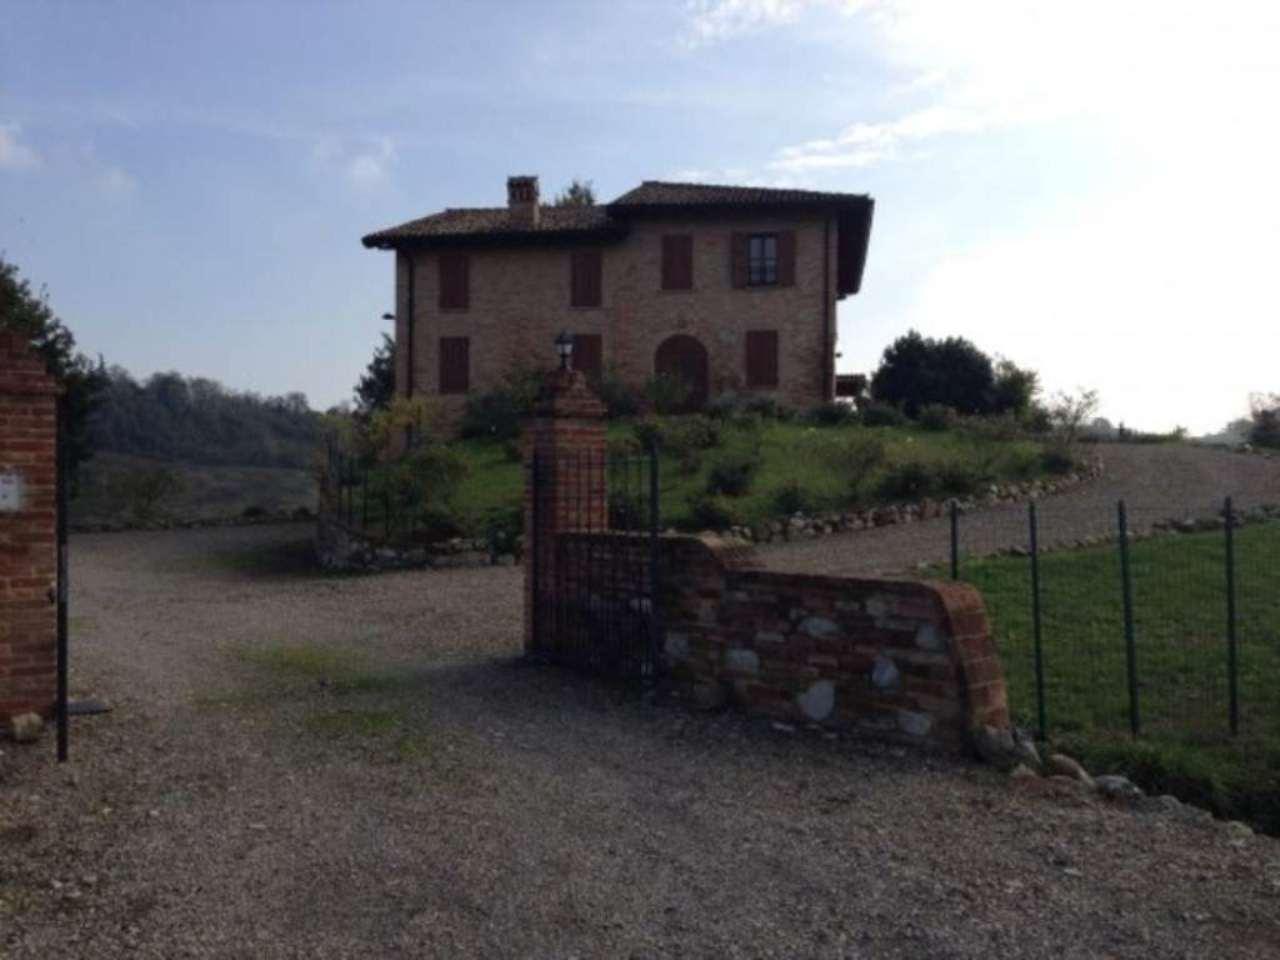 Rustico / Casale in affitto a Salsomaggiore Terme, 5 locali, prezzo € 2.250 | CambioCasa.it